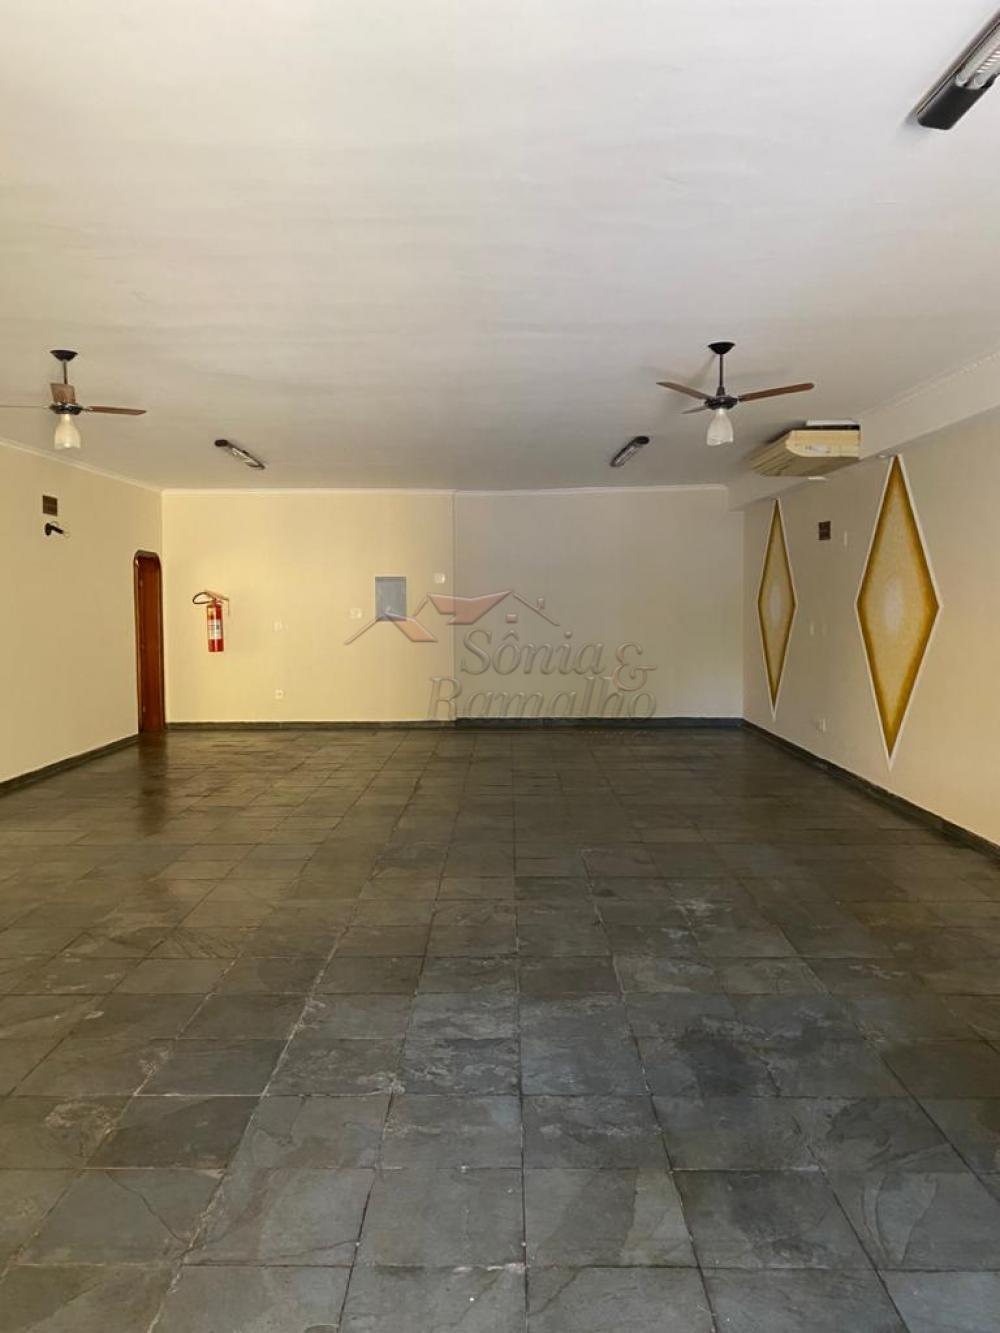 Alugar Comercial / Imóvel Comercial em Ribeirão Preto apenas R$ 7.000,00 - Foto 2